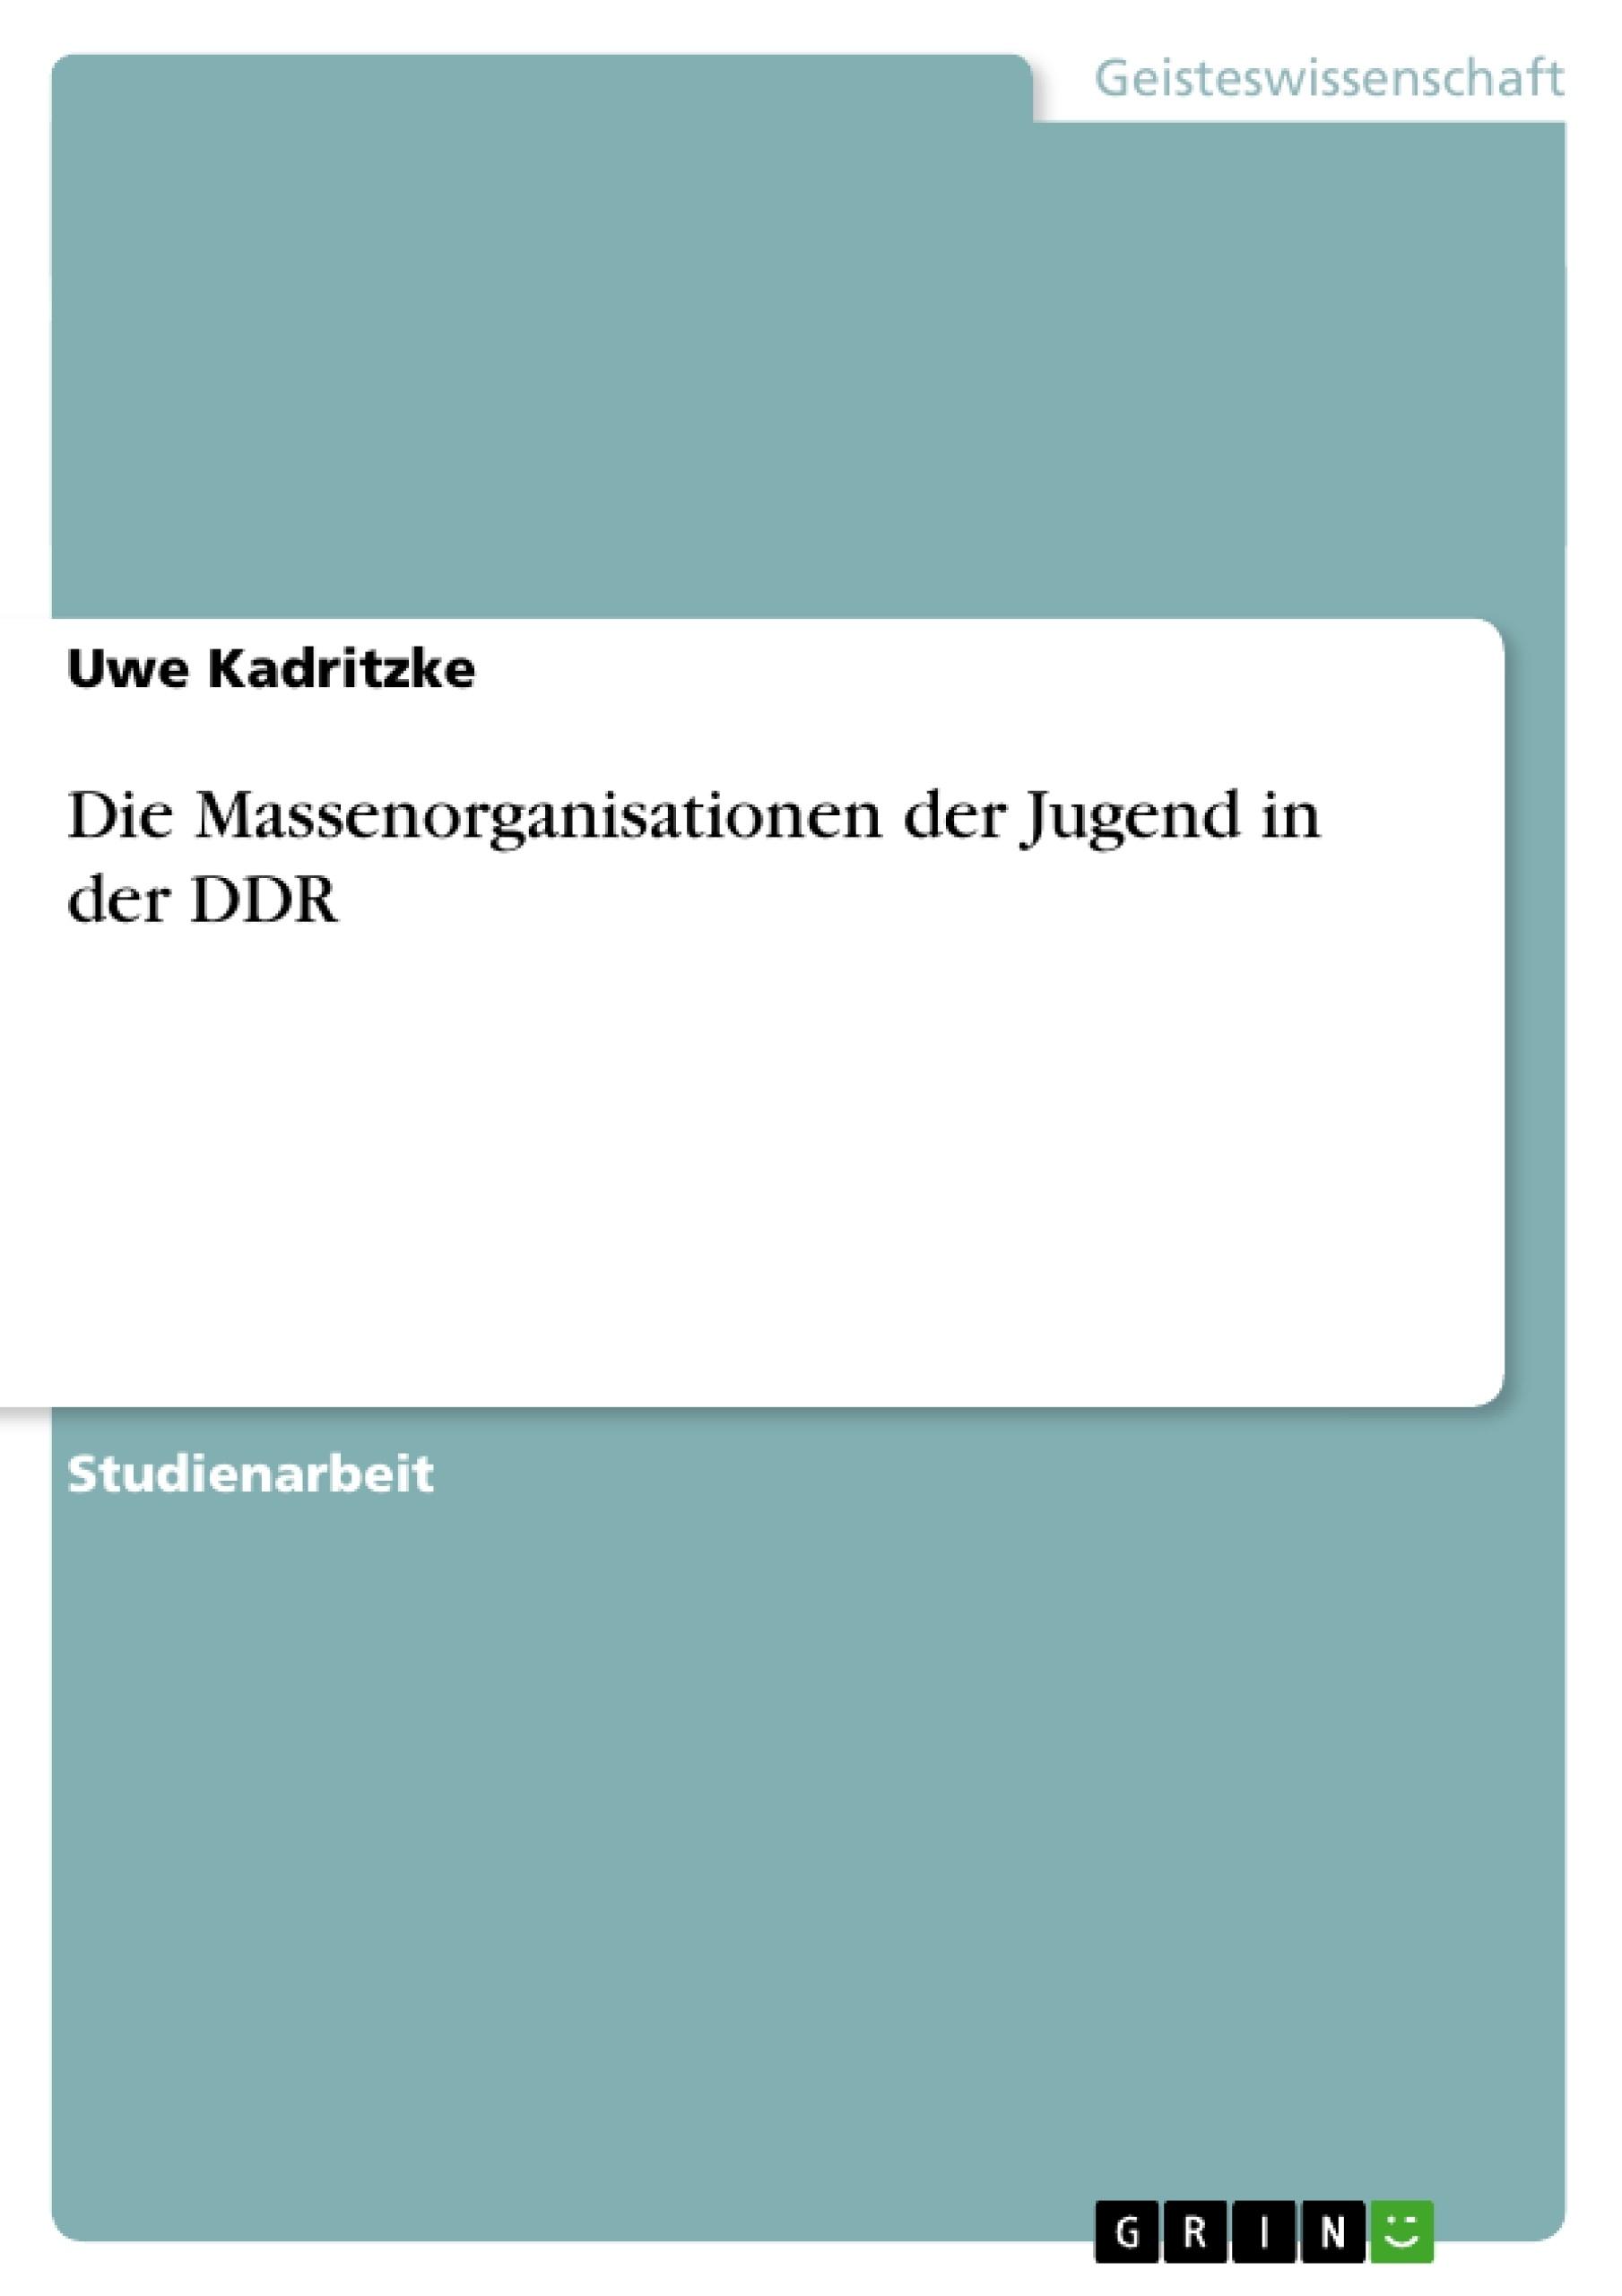 Titel: Die Massenorganisationen der Jugend in der DDR